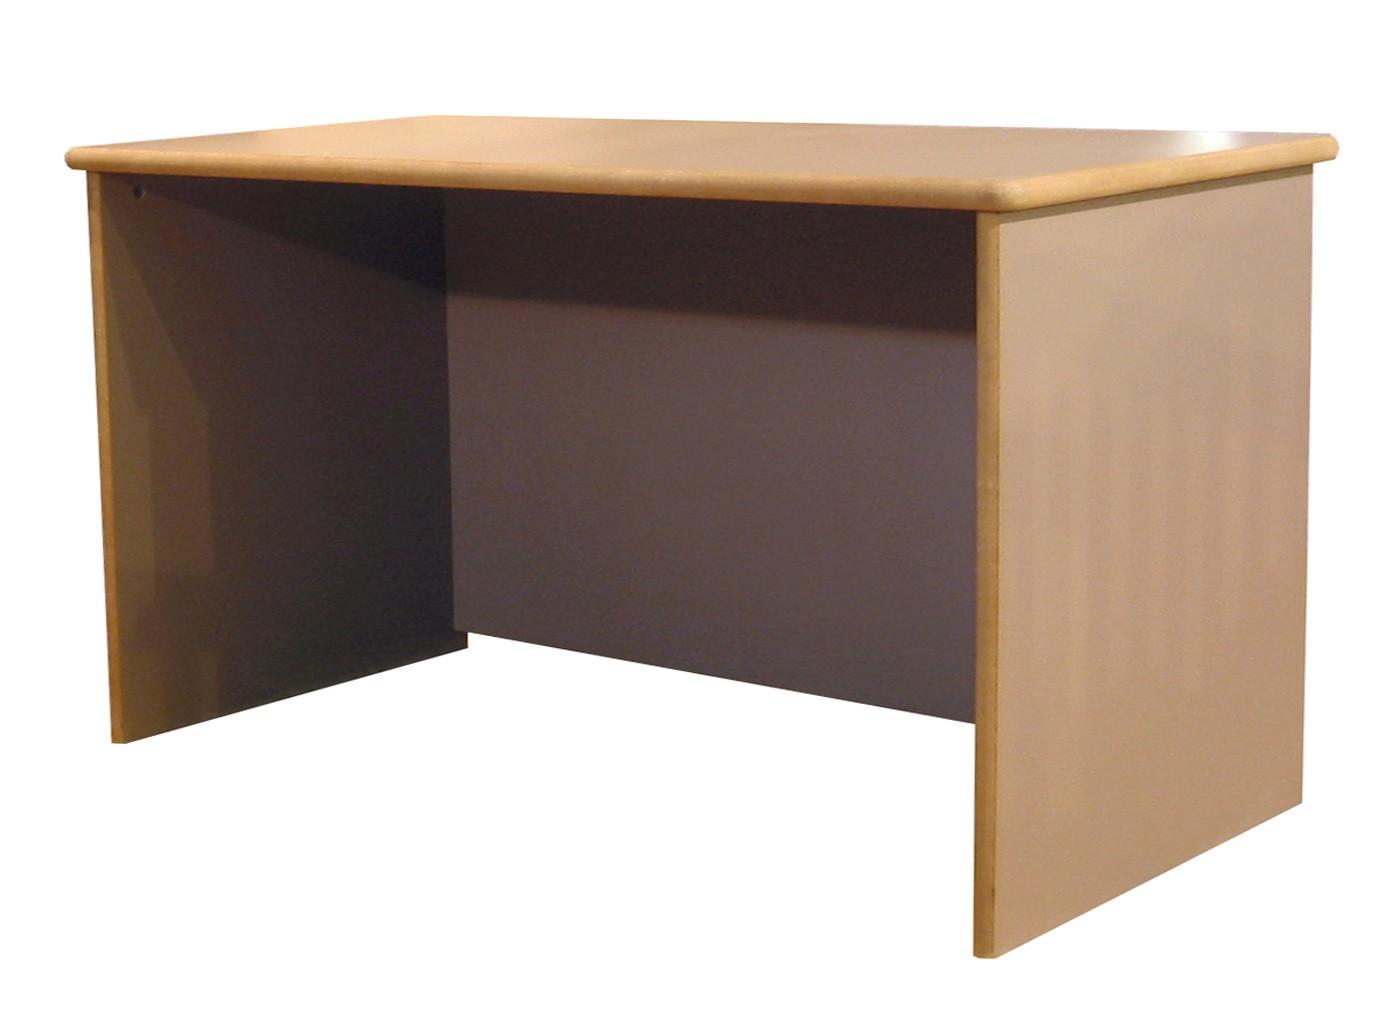 Lit mezzanine enfant avec etagere et bureau int gr for Bureau 85 cm largeur